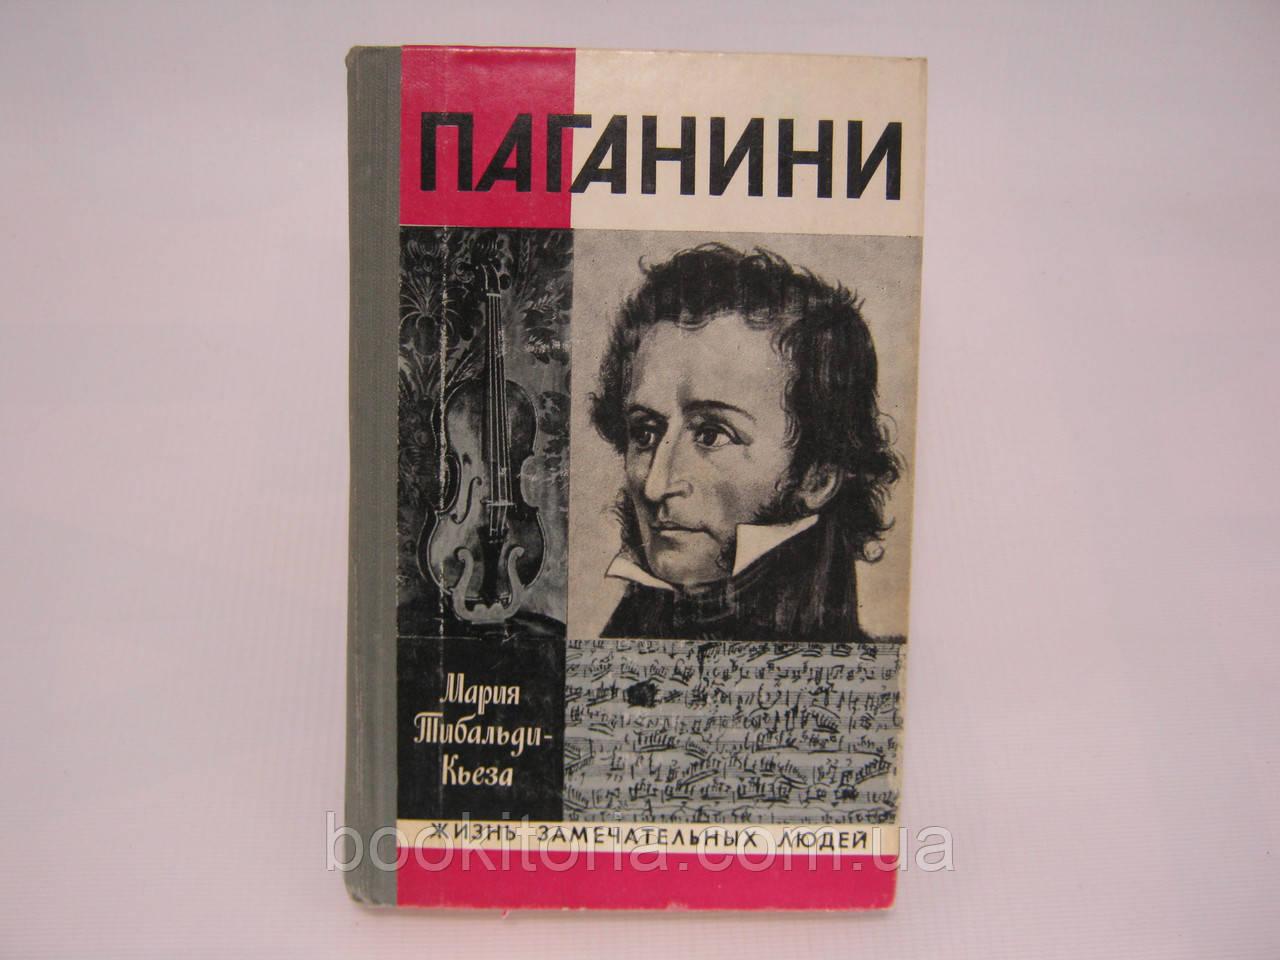 Тибальди-Кьеза М. Паганини (б/у).